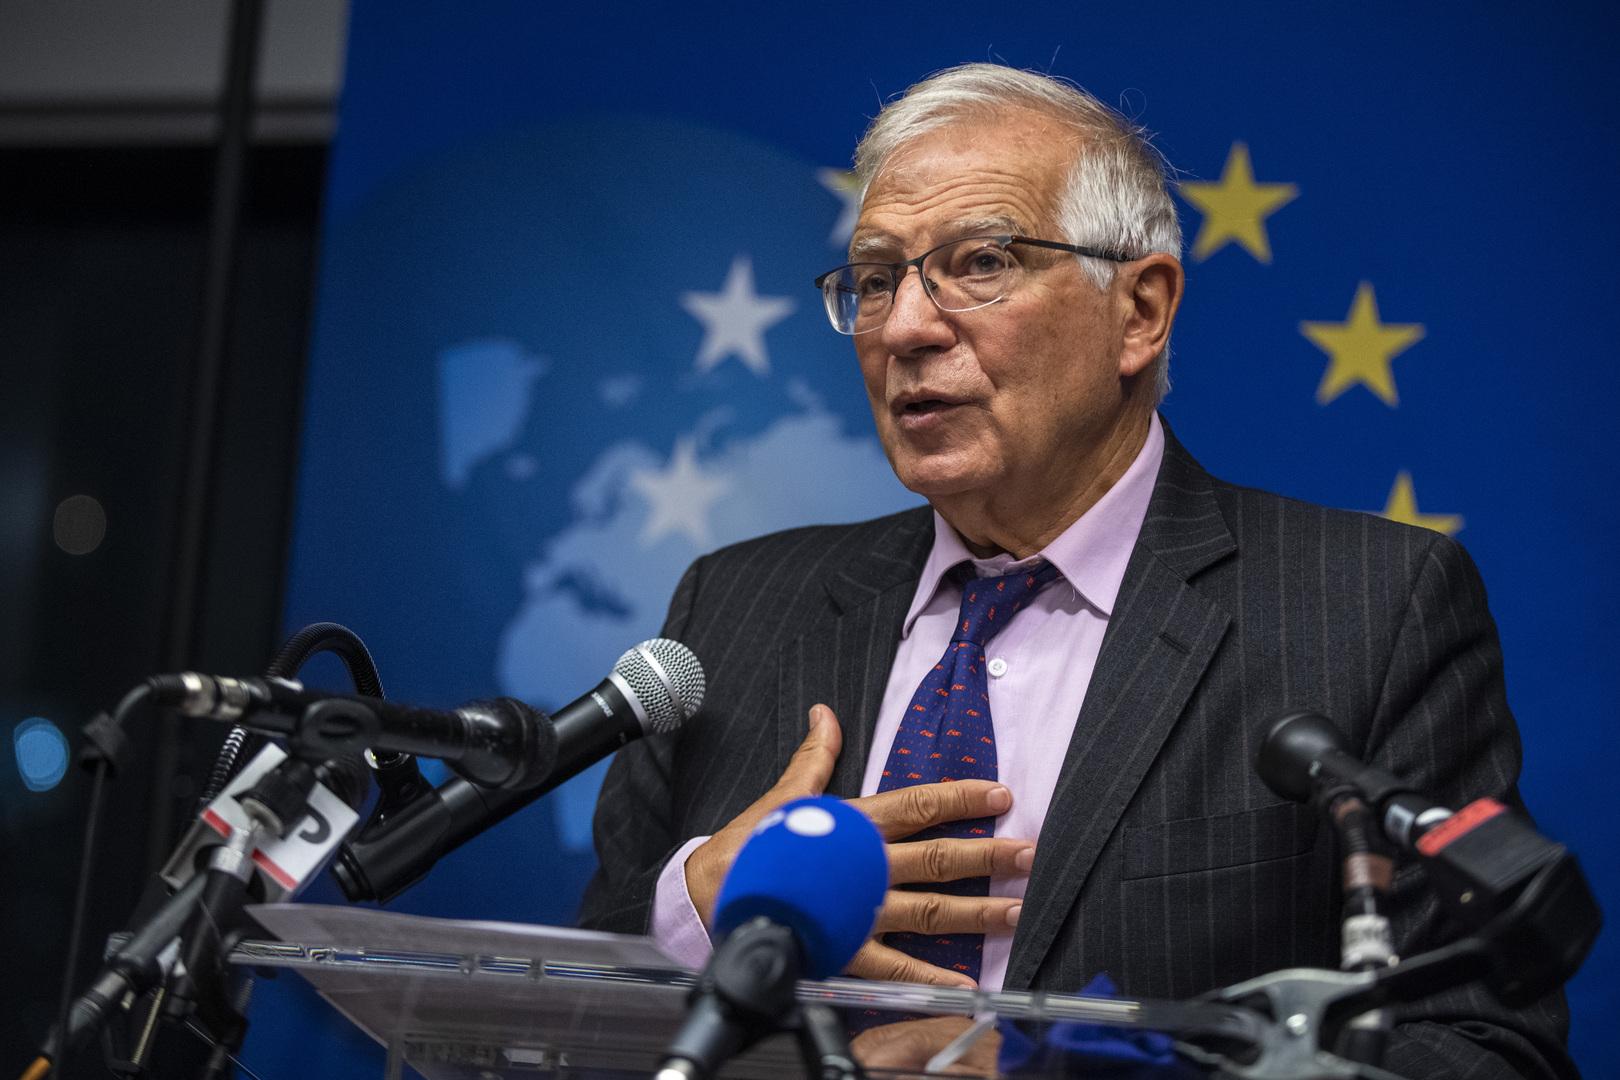 بوريل يعرب عن قلقه بشأن المسار العام للبرنامج النووي الإيراني